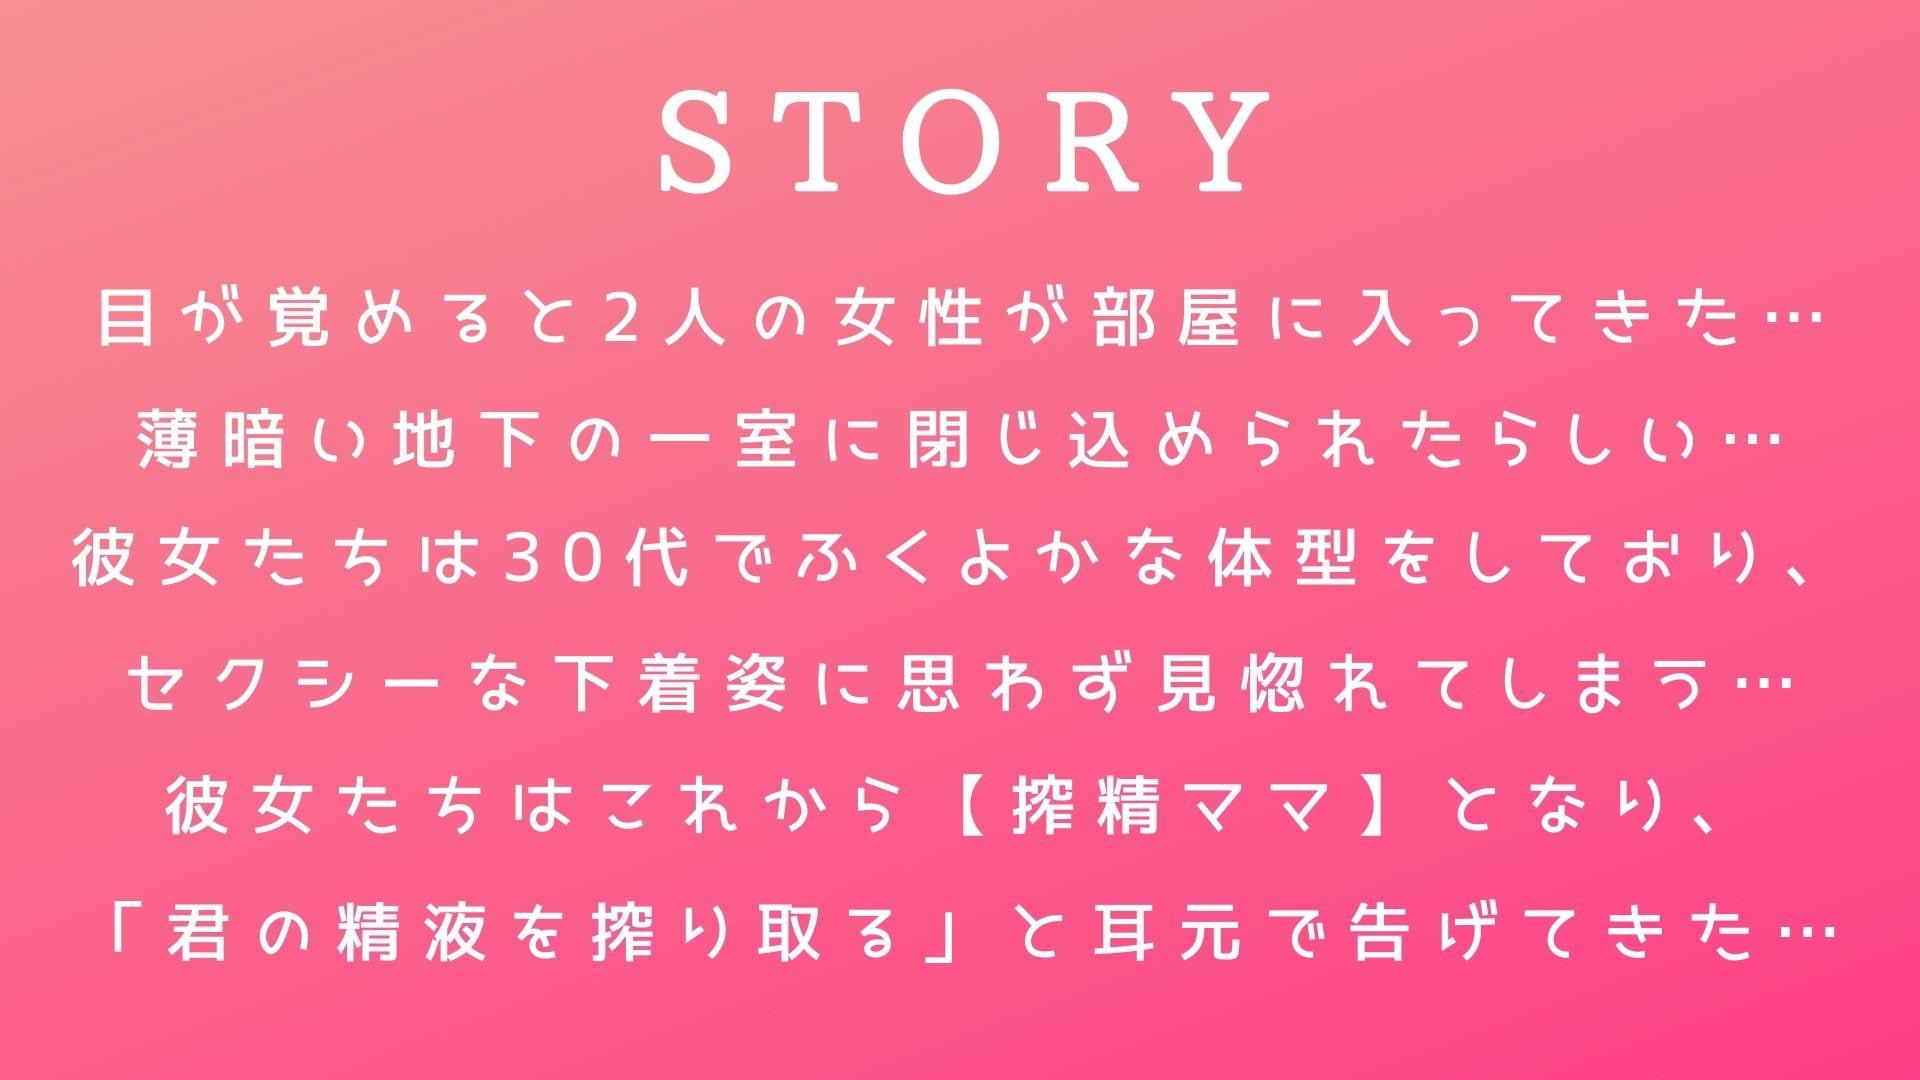 【マゾ・マニュアル】搾精ママの誘惑